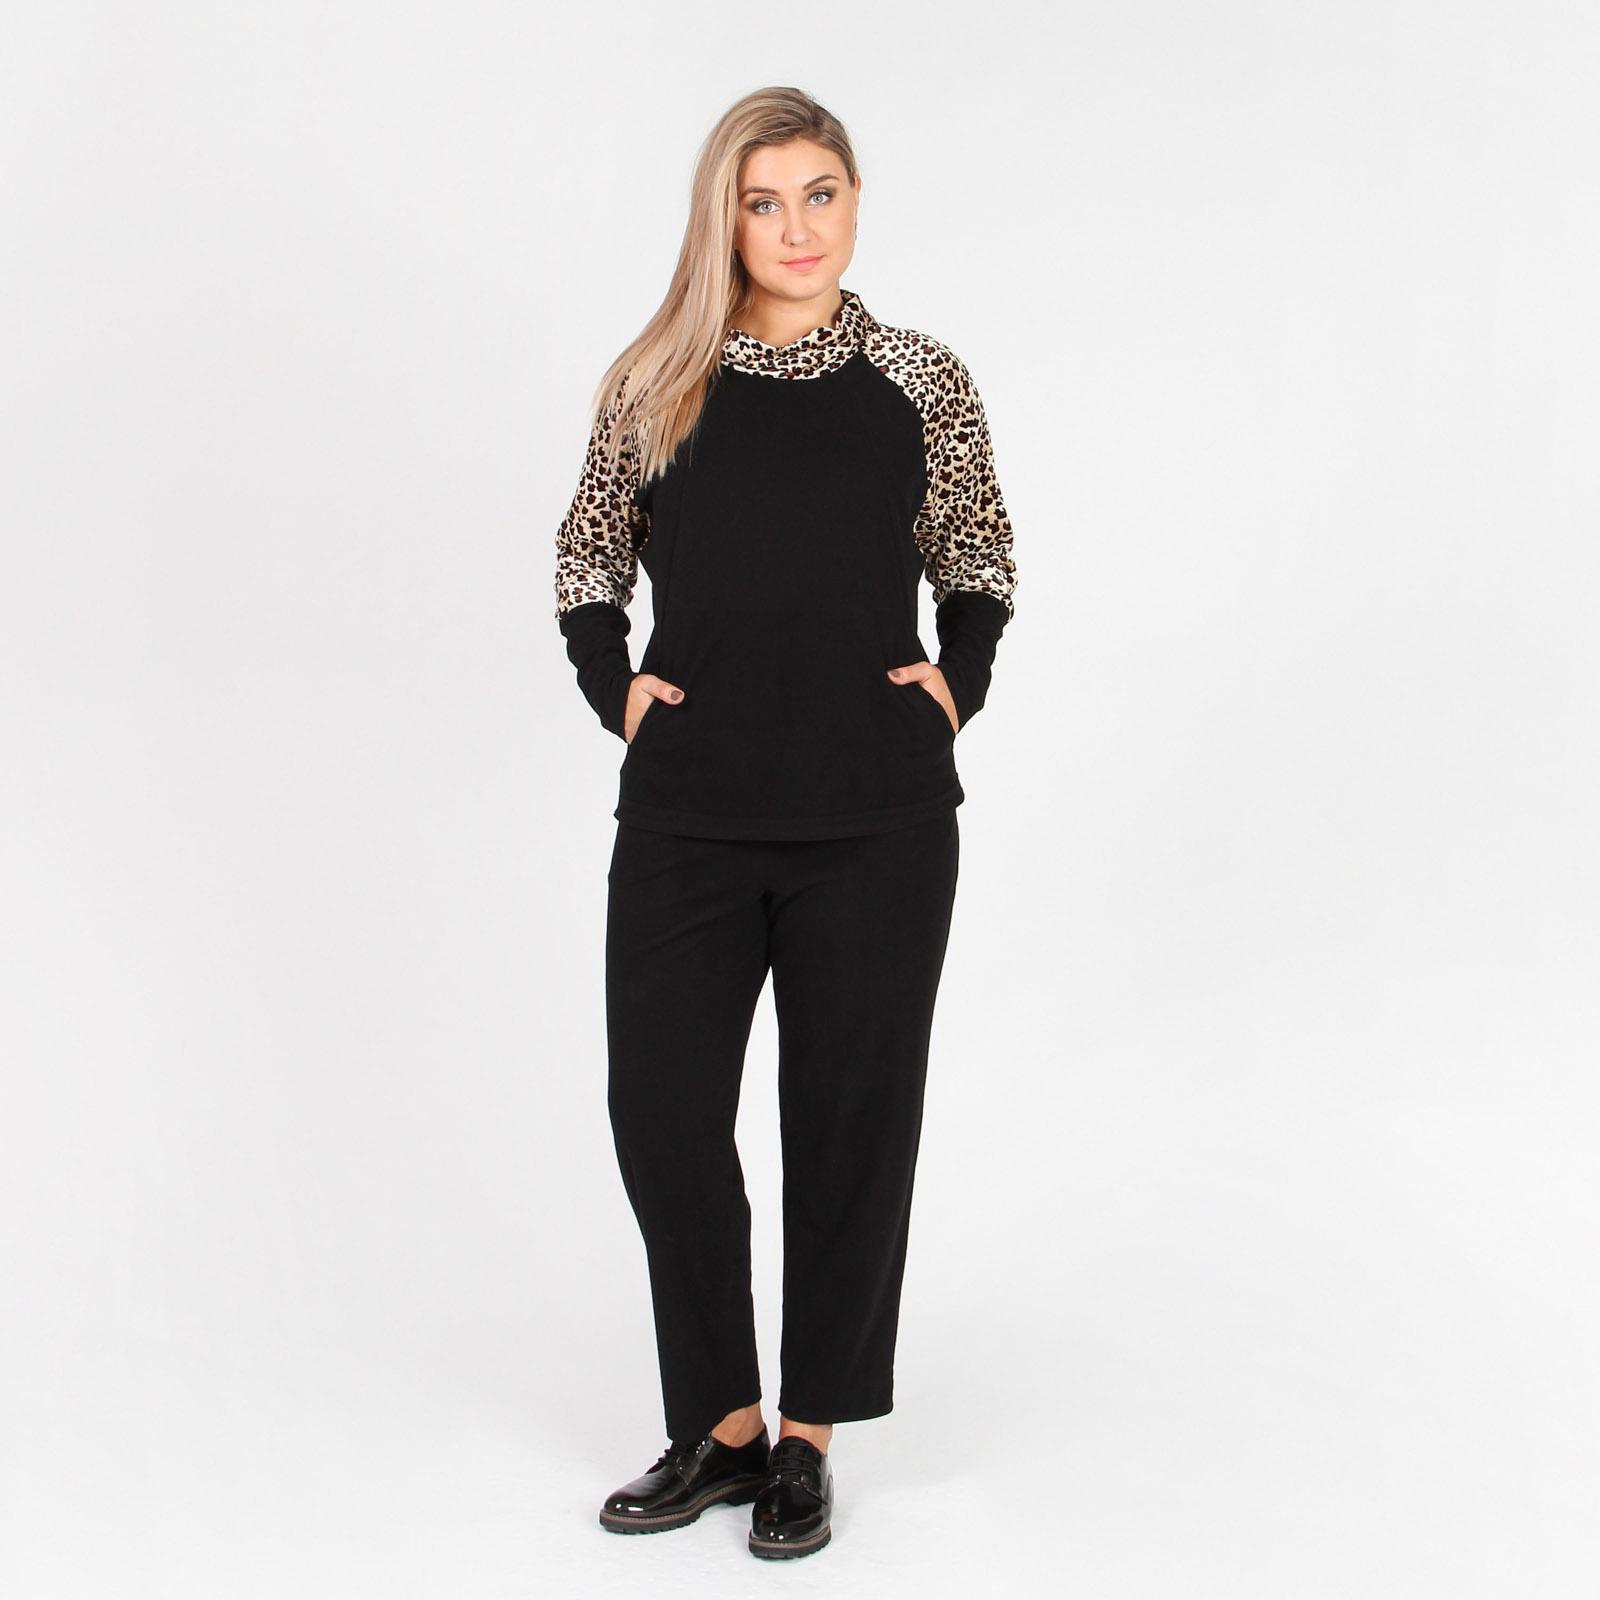 Костюм: брюки и джемпер с хищным принтом